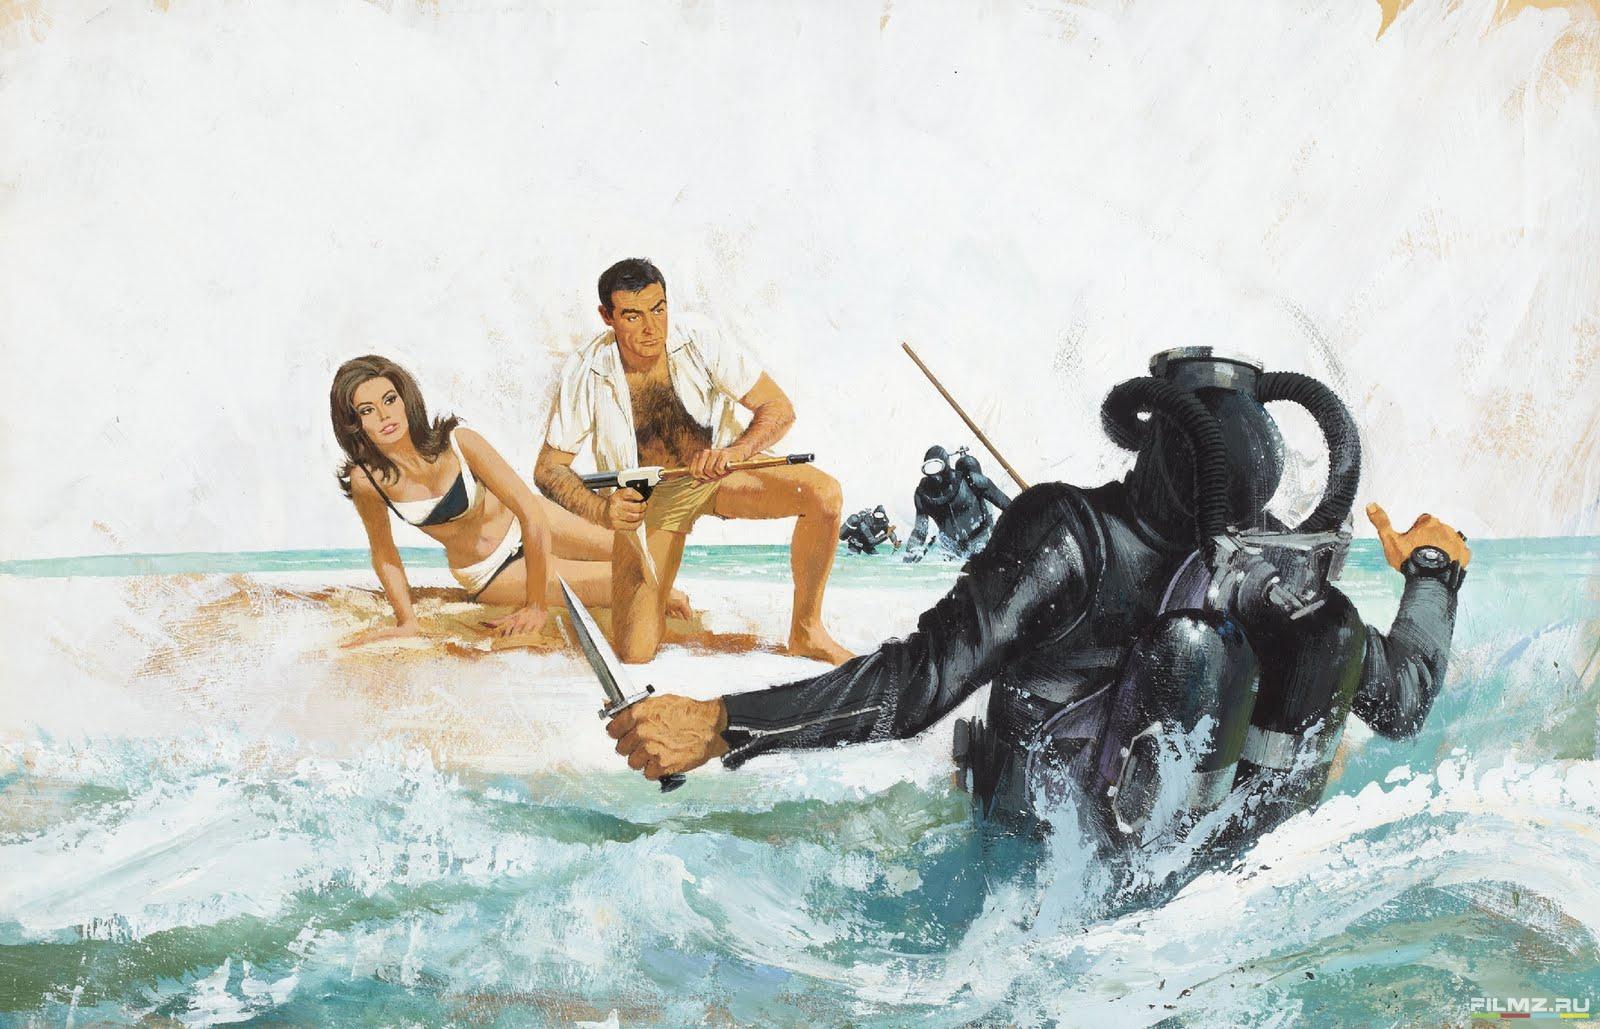 концепт-арты Шаровая молния Клодин Оже, Шон Коннери,